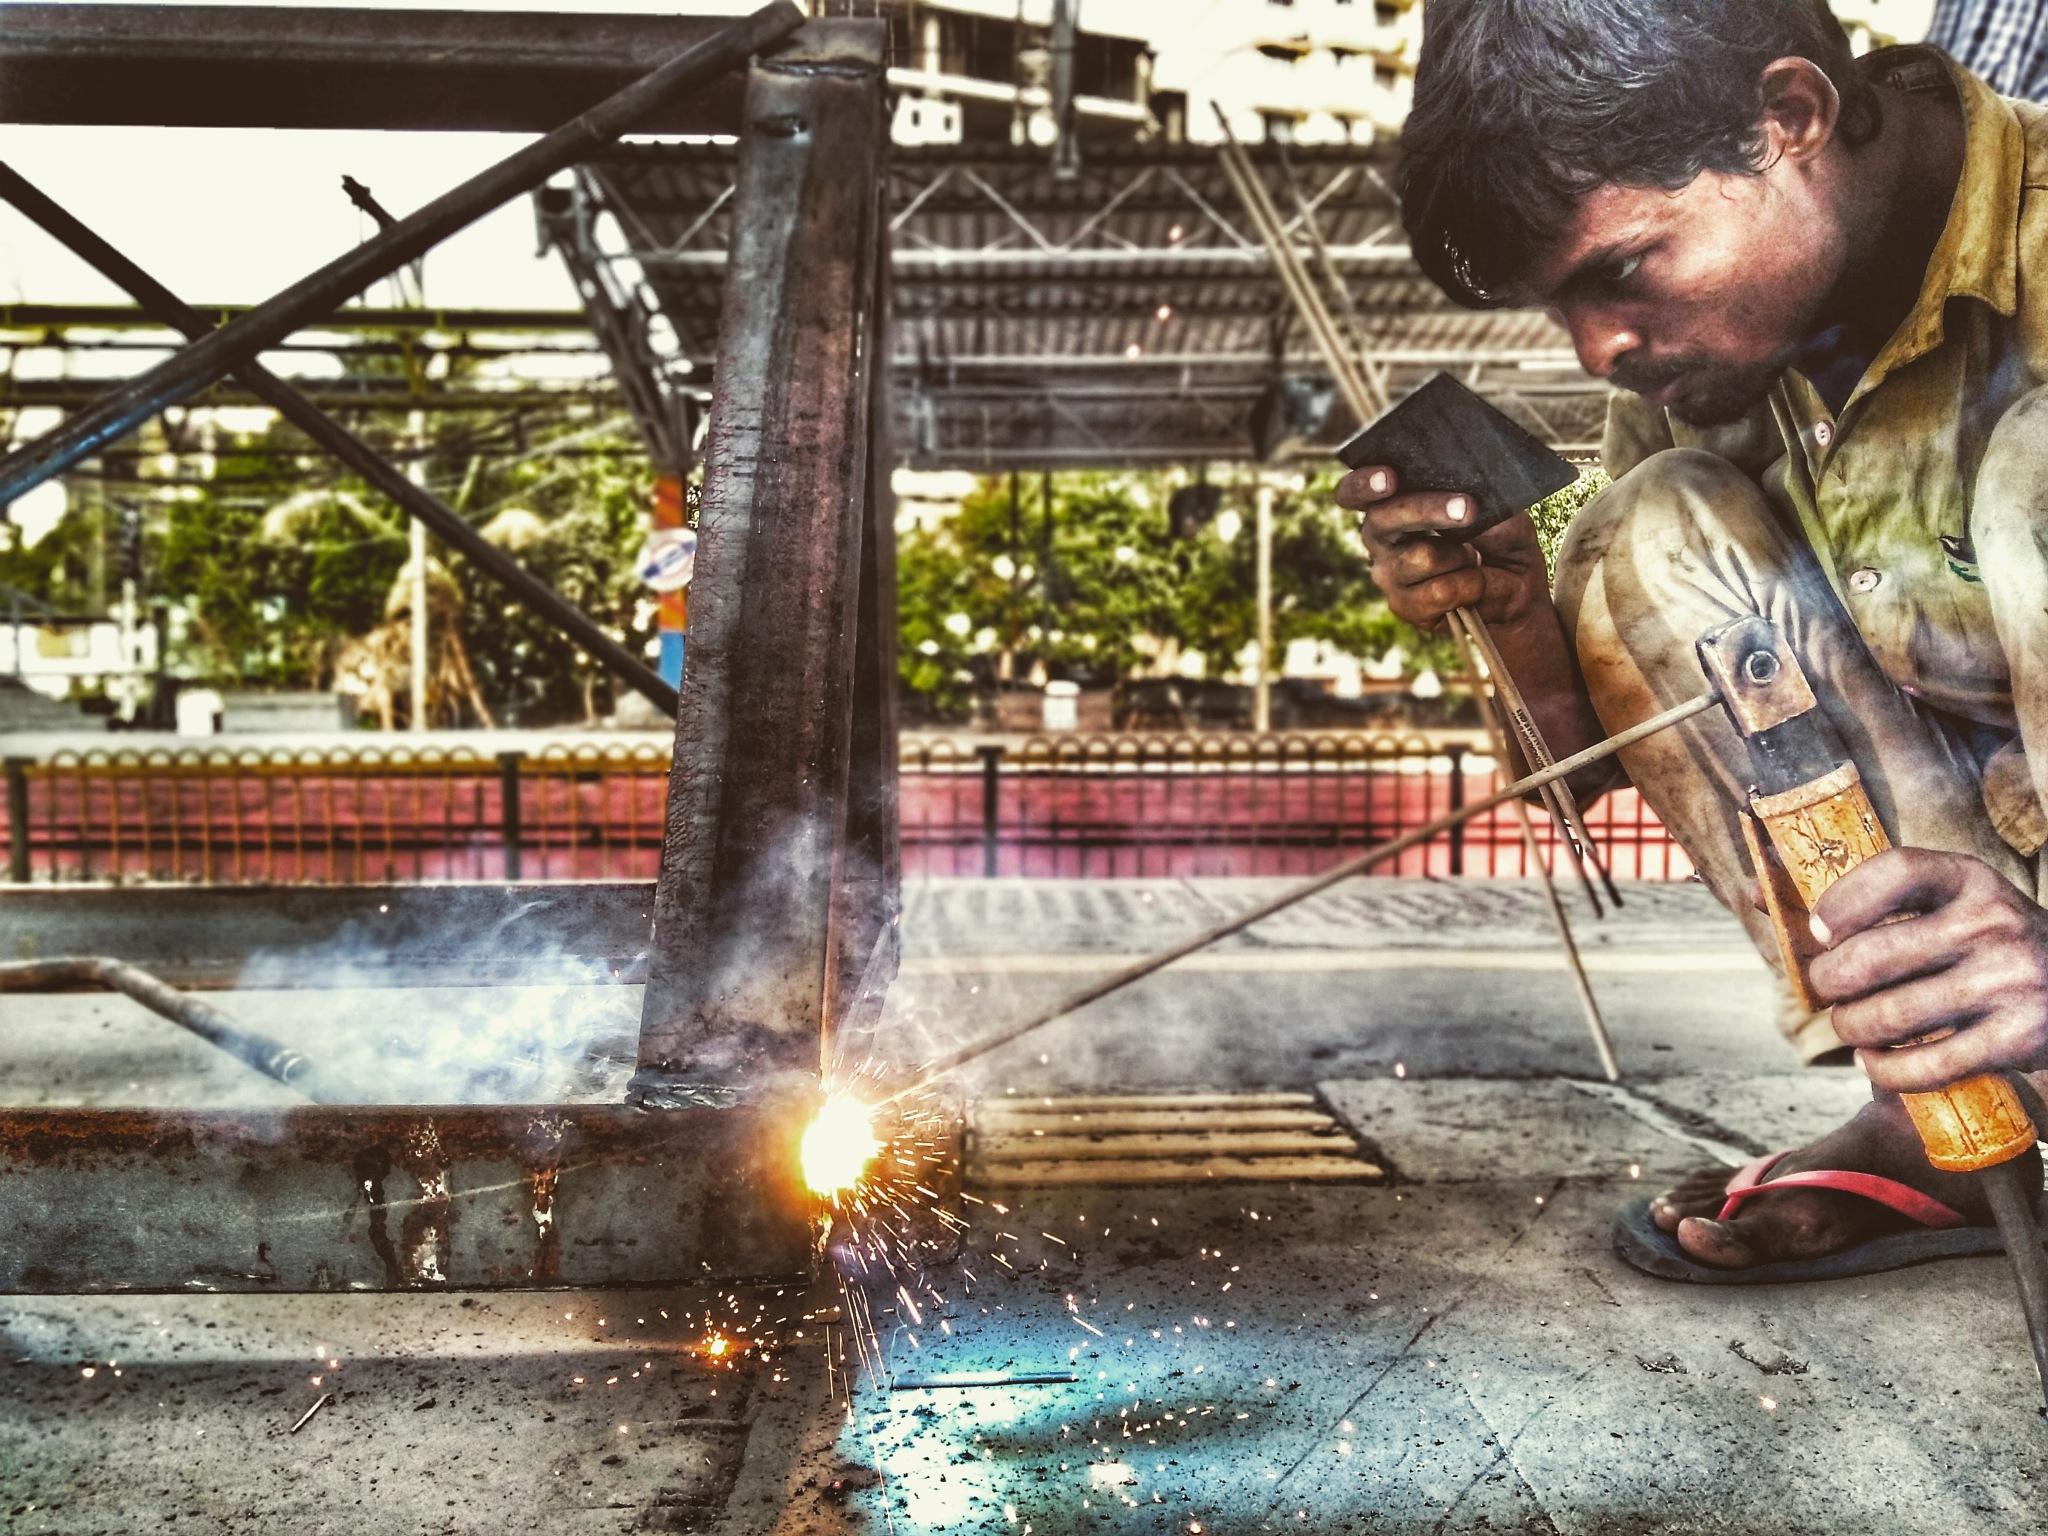 Work in progress  by Sidharth madhesiya